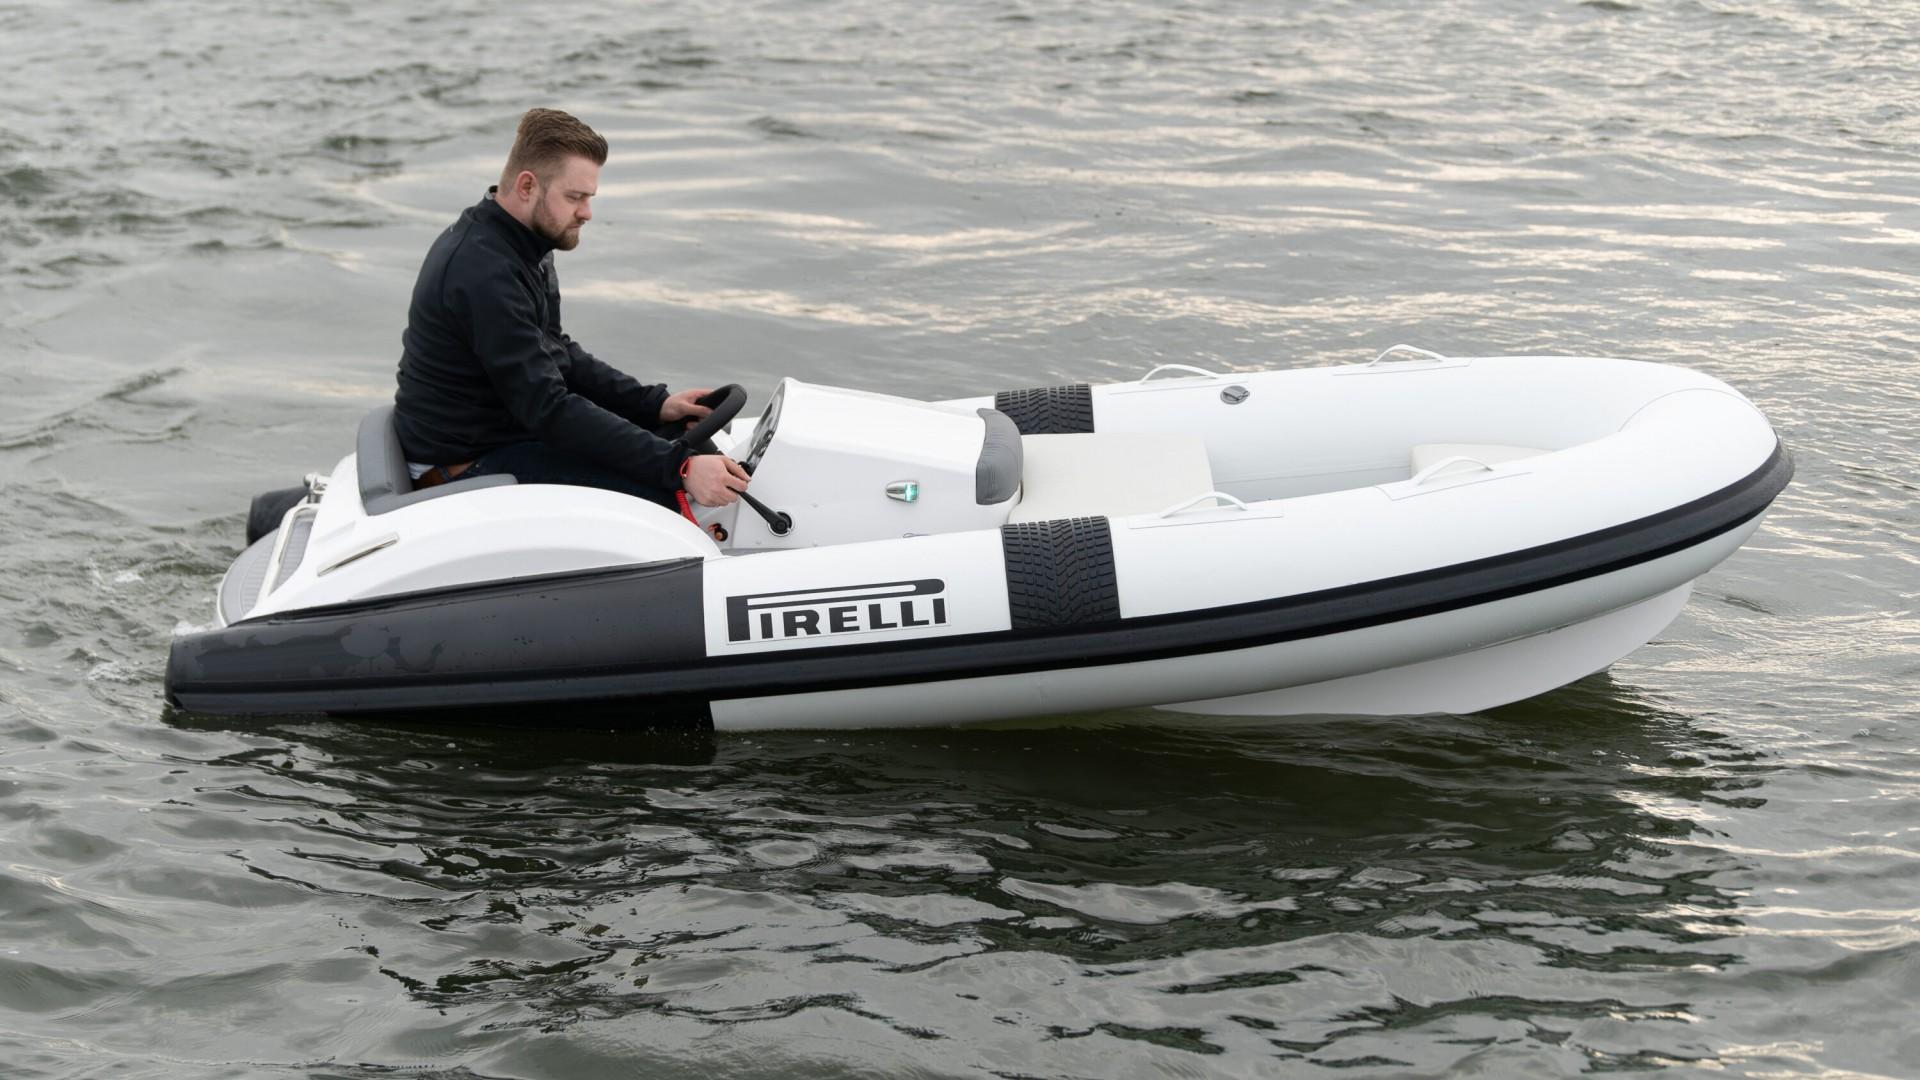 Beleef snelheid en avontuur met een speedboot van PIRELLI | TecnoRib